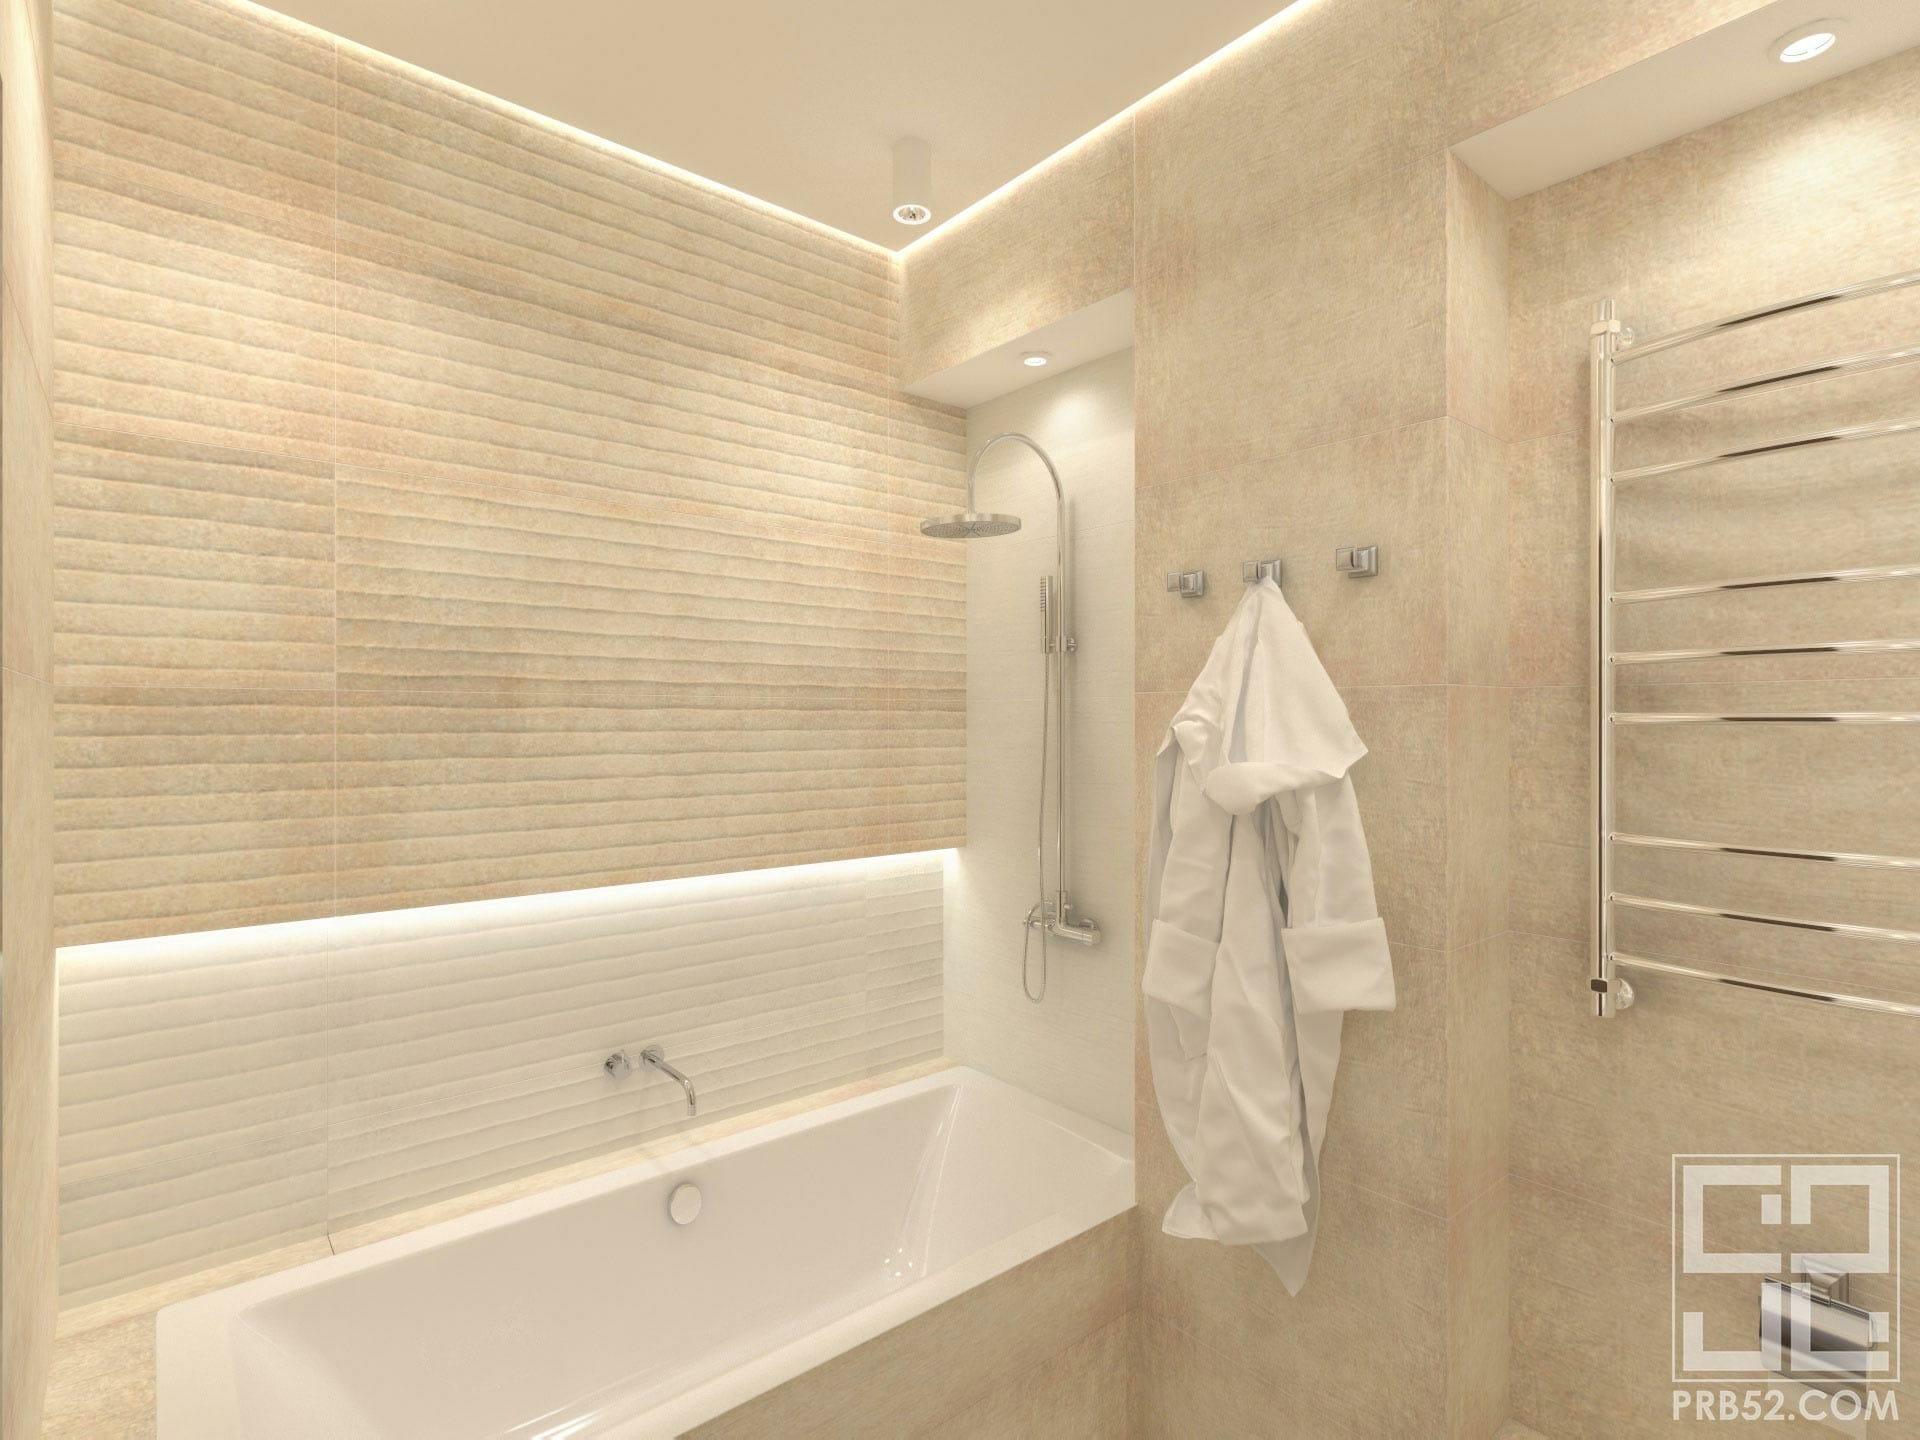 дизайн интерьера современной ванной комнаты с подсветкой